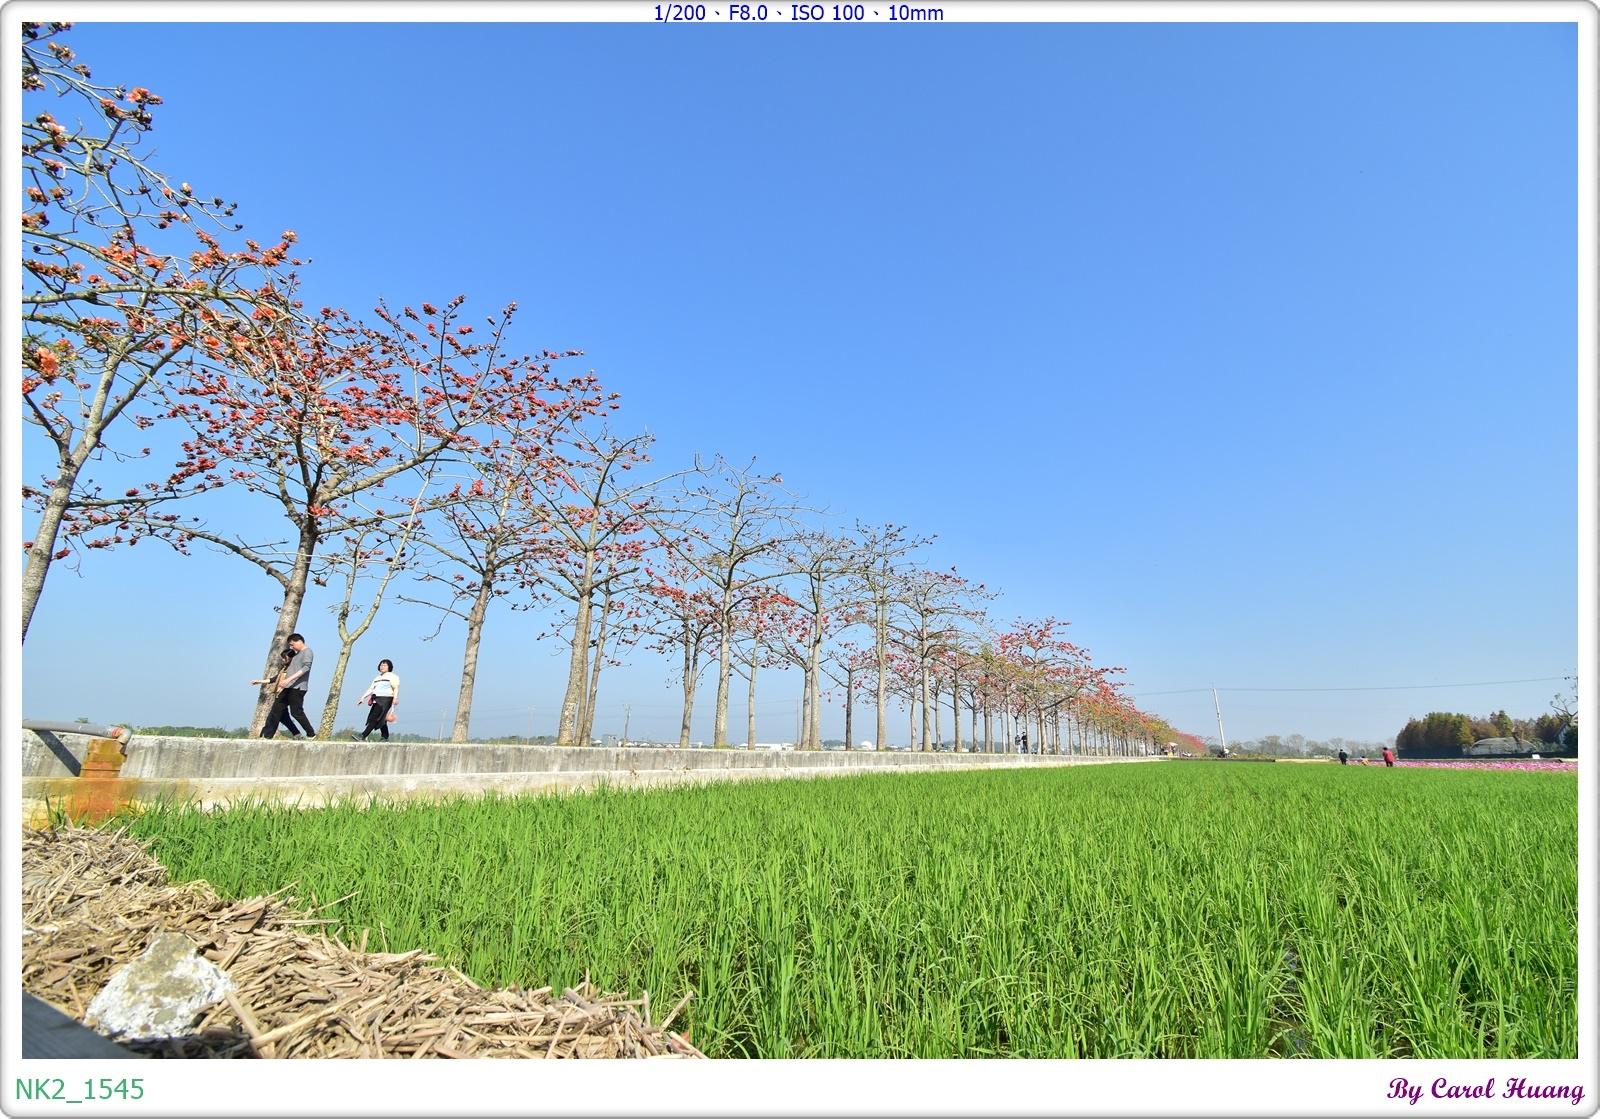 NK2_1545.JPG